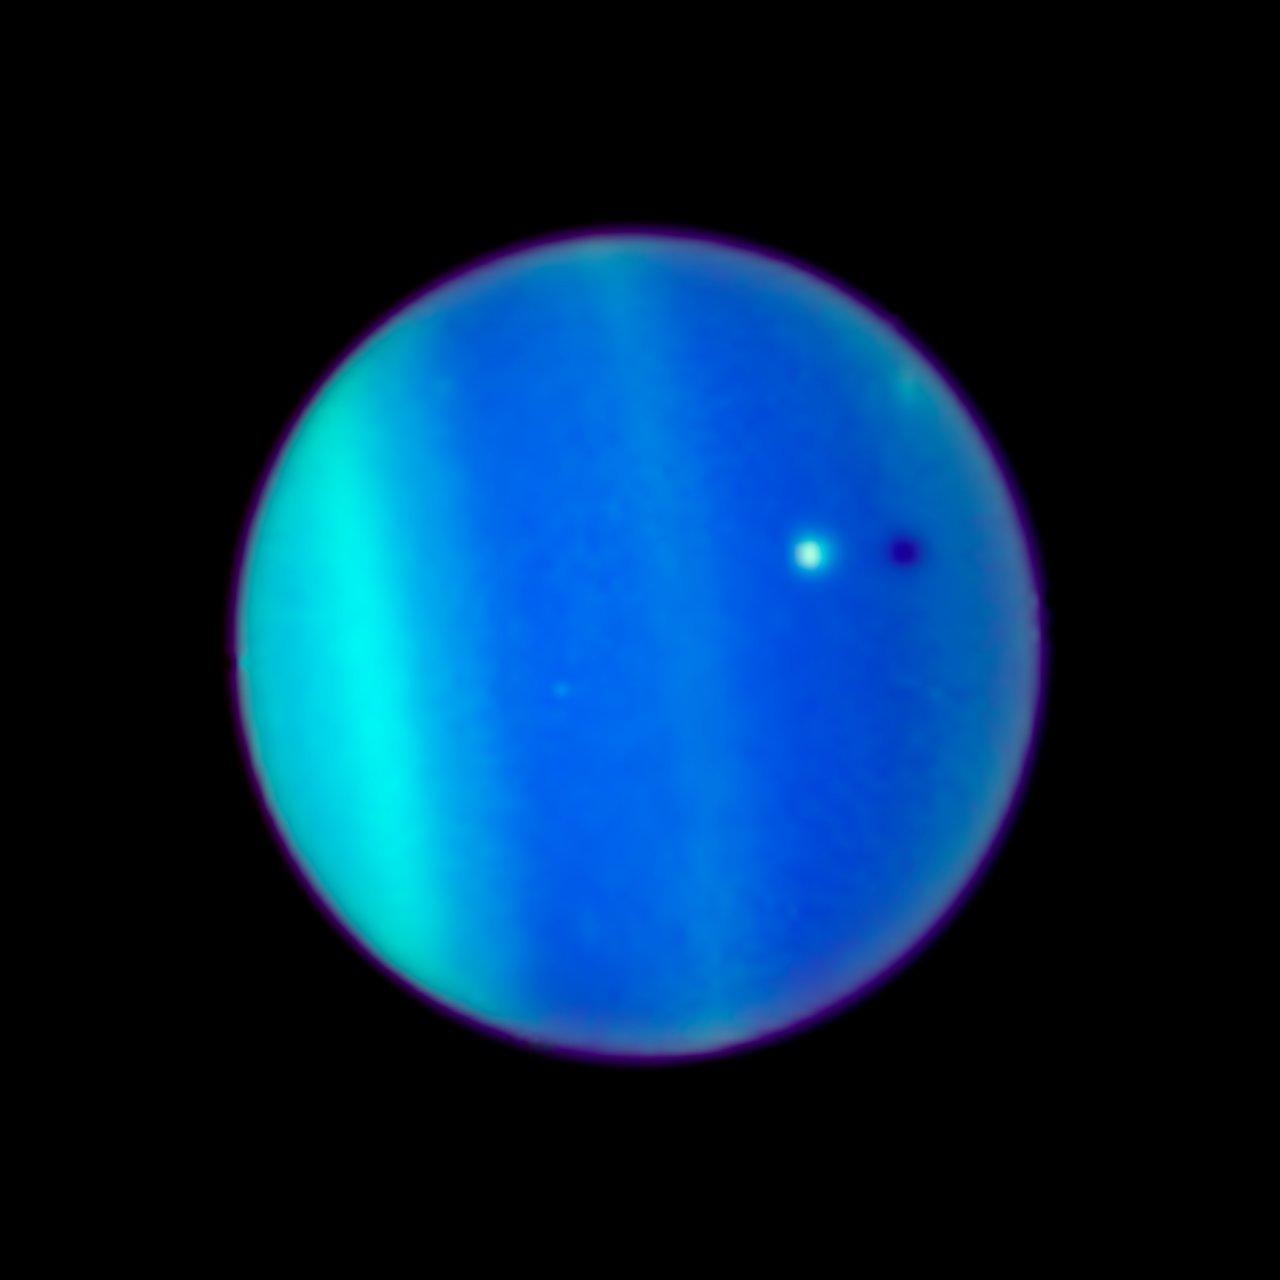 Uranus and Ariel - 2006 - Unannotated